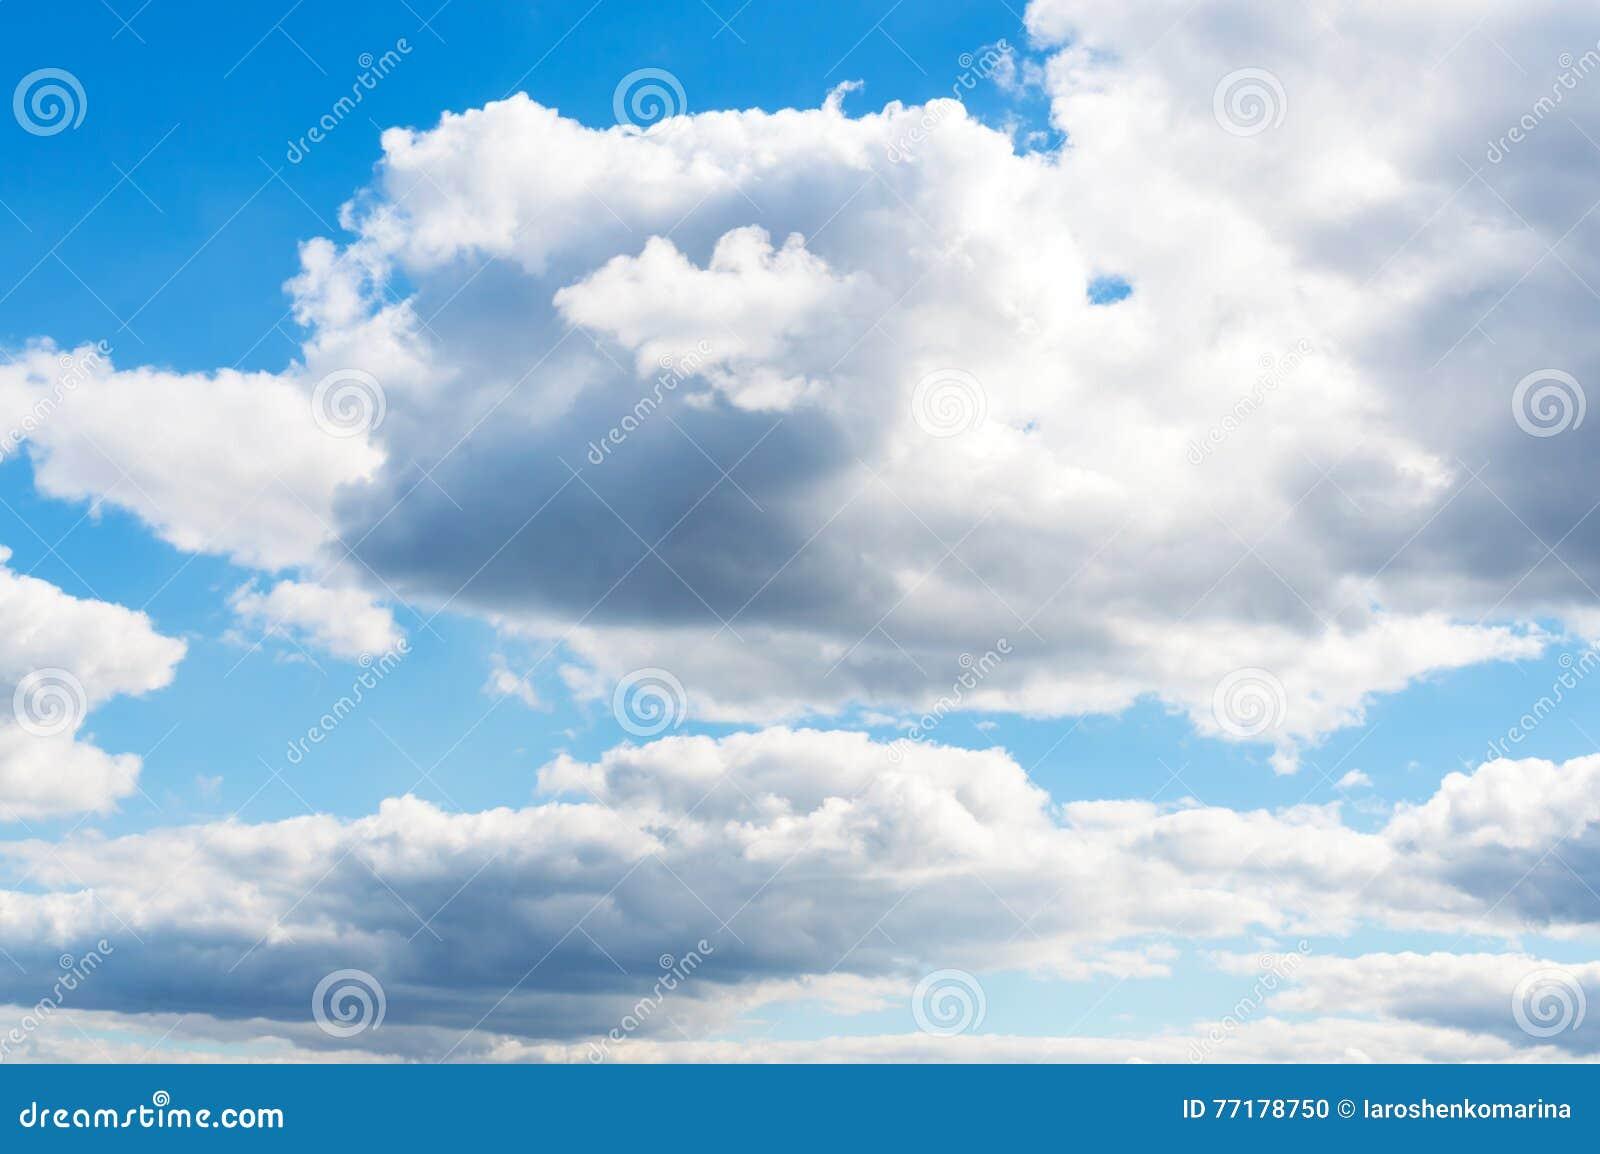 Ciel bleu clair avec les nuages blancs temps beau photo stock image 77178750 - Image ciel bleu clair ...